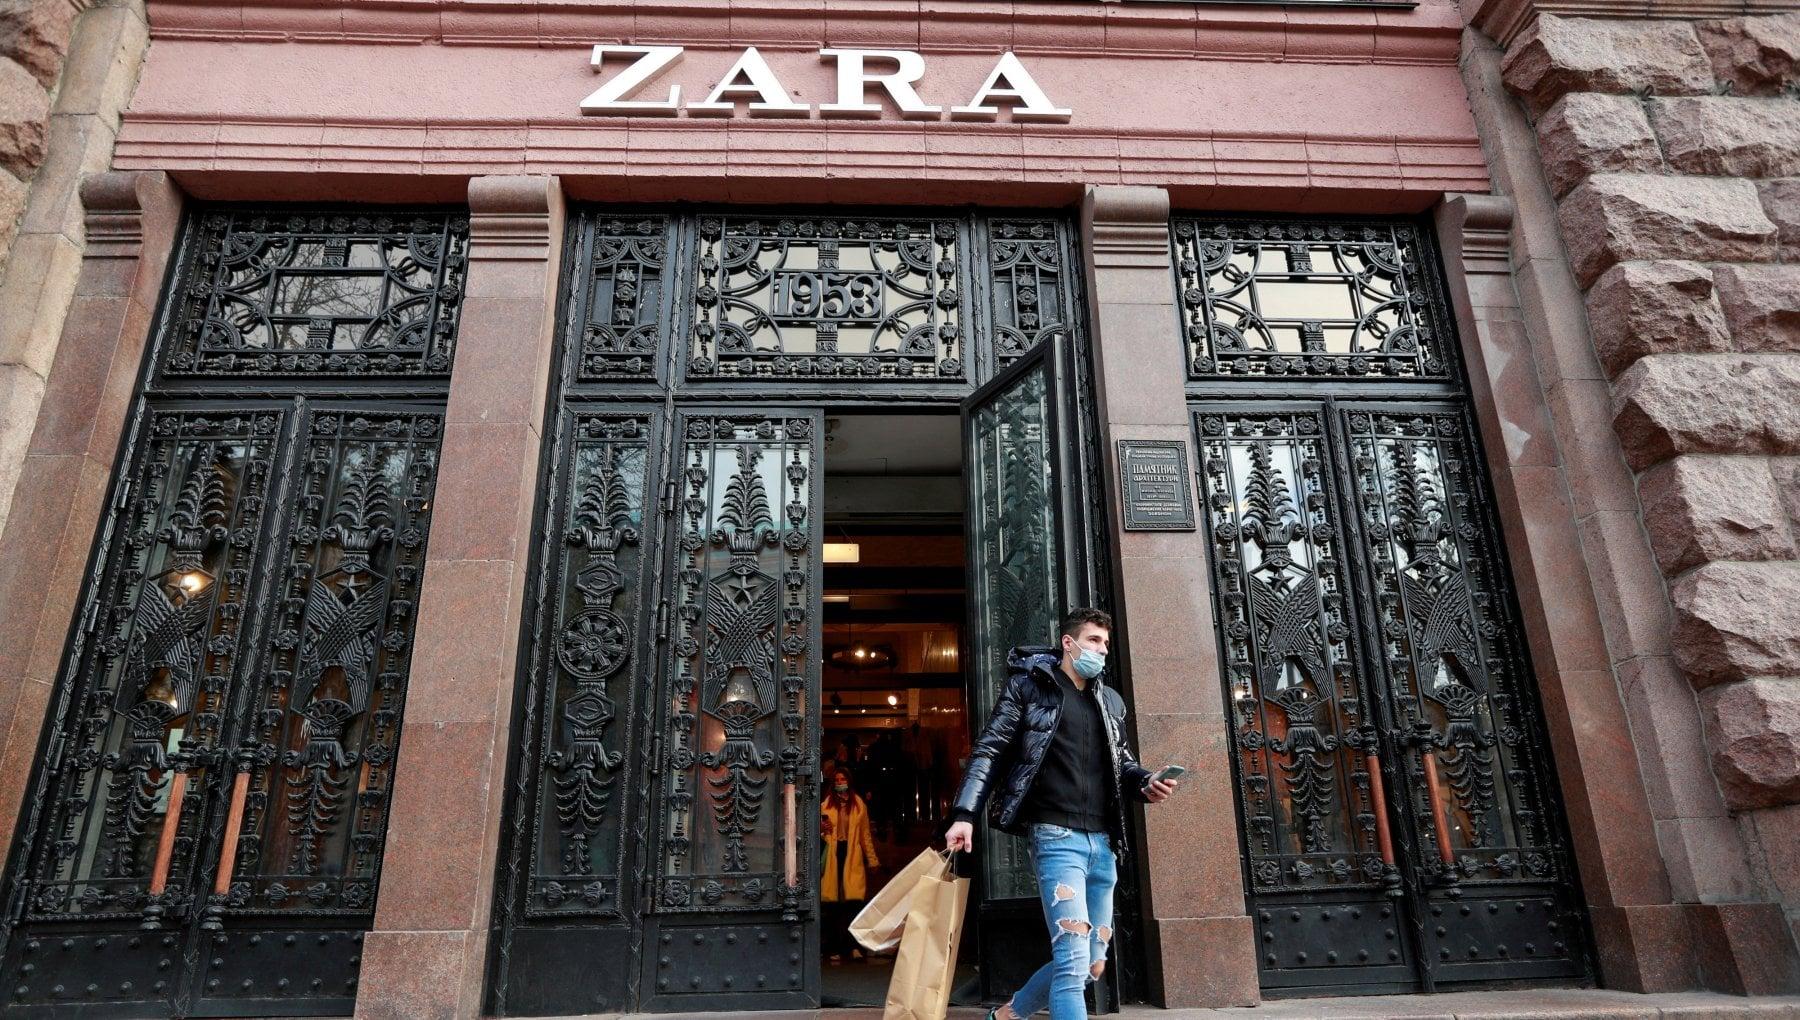 """202224731 c5c29a67 ffe7 4000 83bc 8188a6613290 - Messico, il governo scrive a Zara: """"Avete copiato i modelli delle nostre tribù"""""""